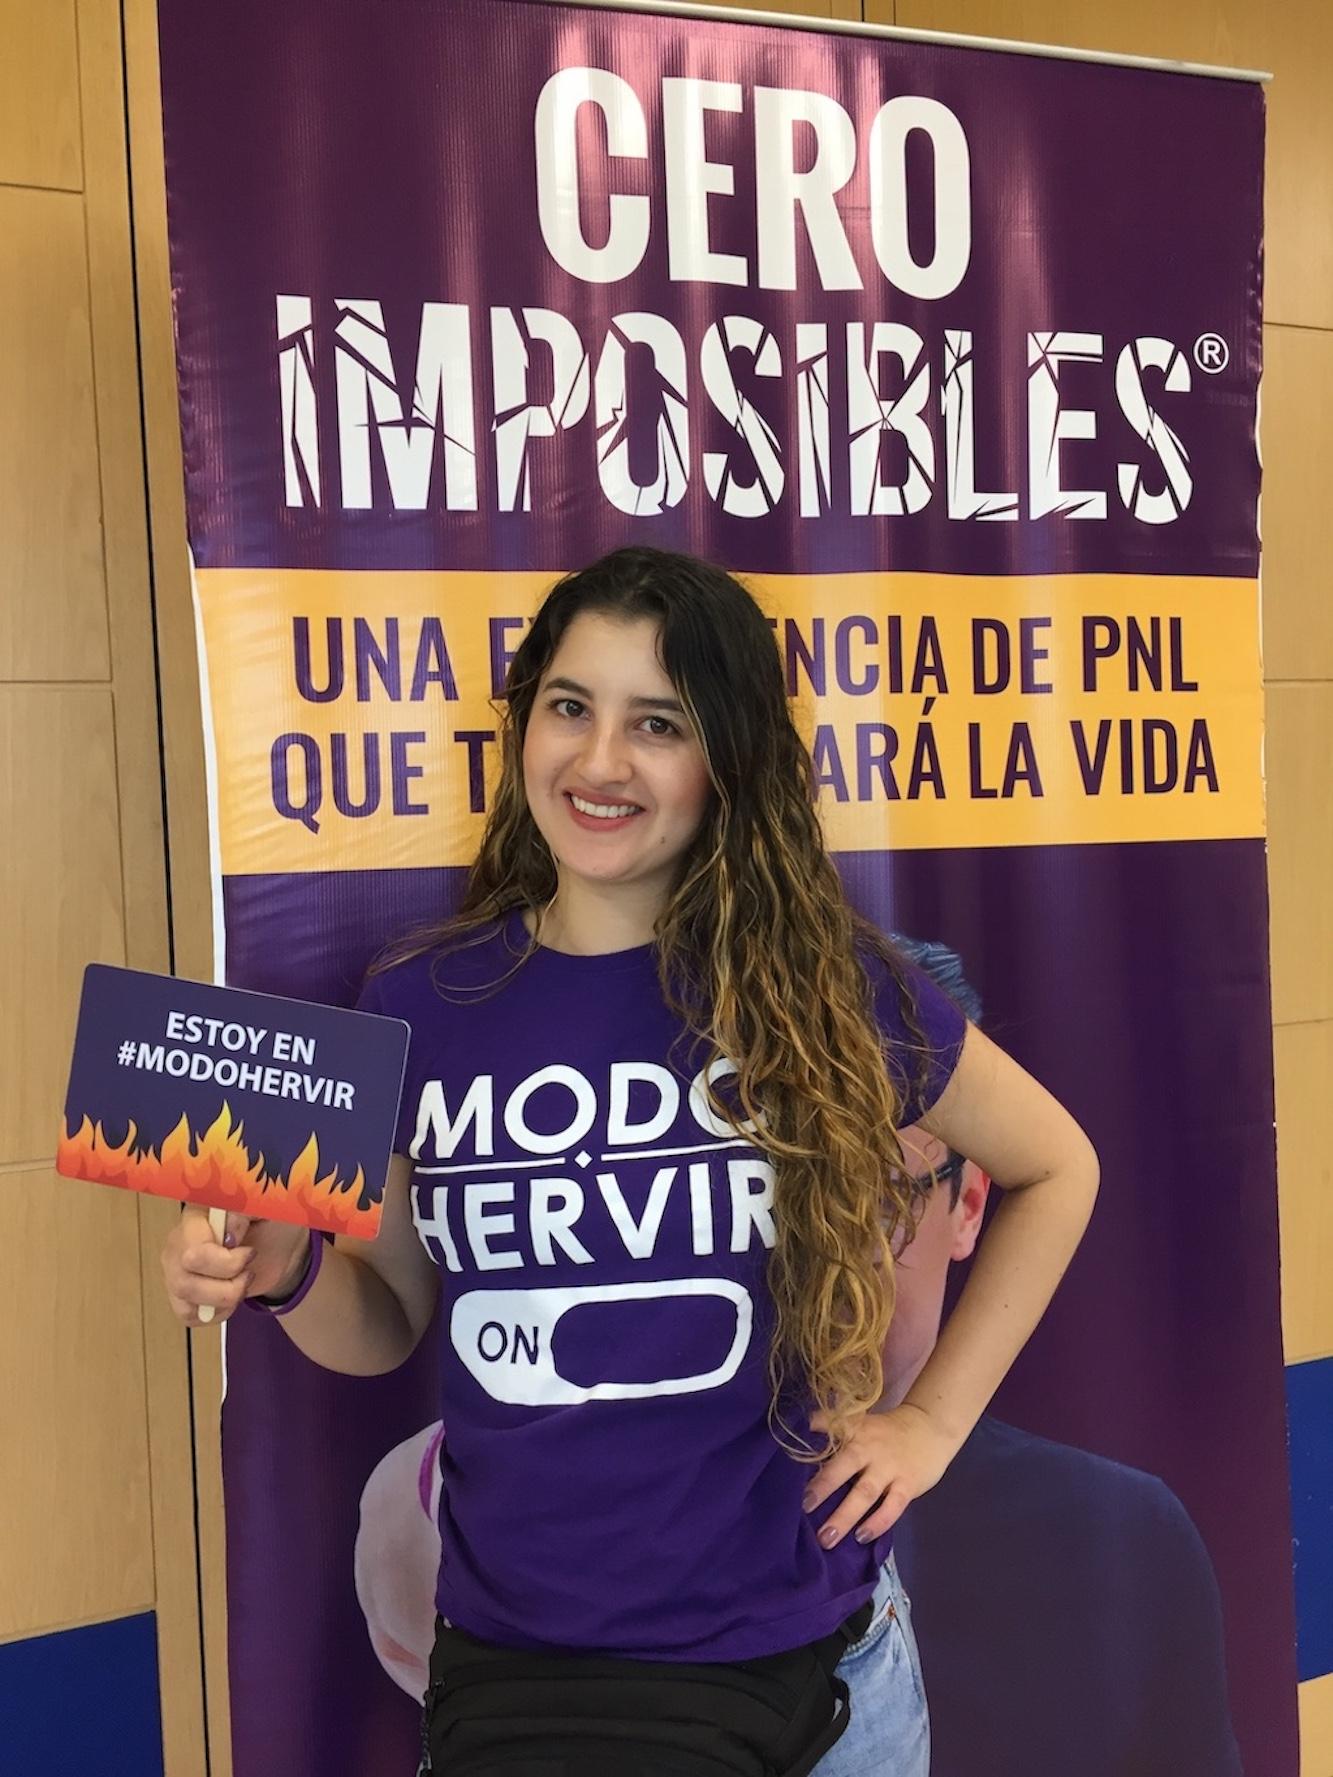 cero-imposibles-medellin-junio-2019-varias06jpg